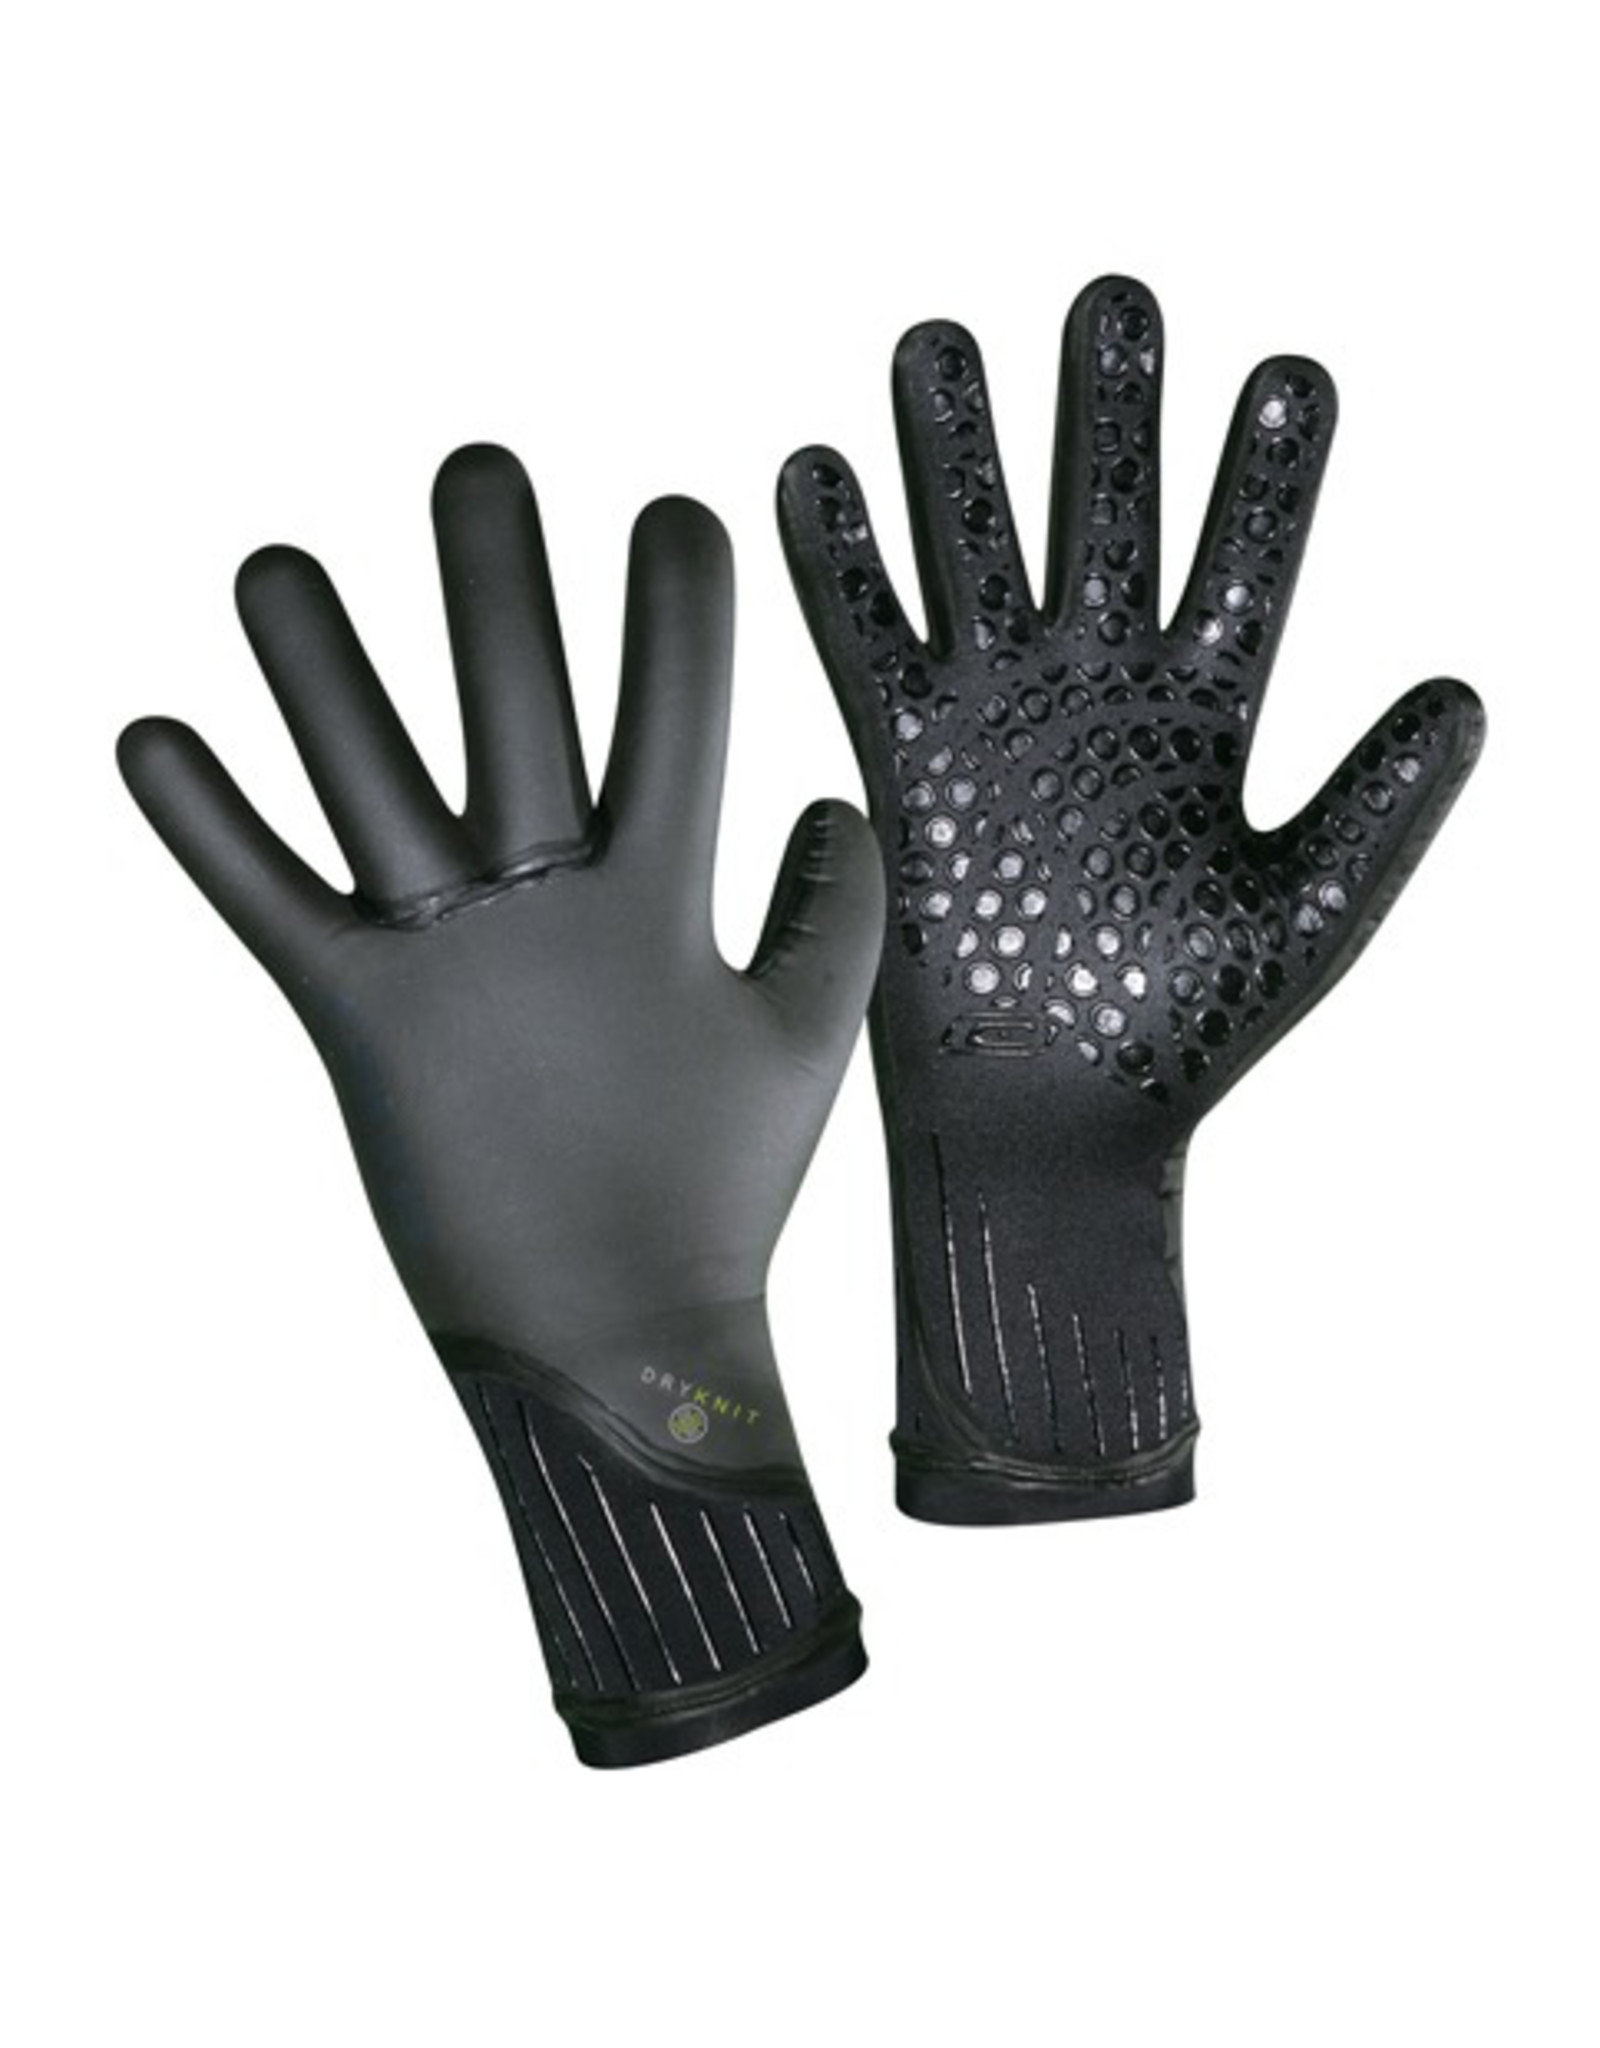 C-Skins C-Skins - 5mm Hot Wired Glove - Black - XL